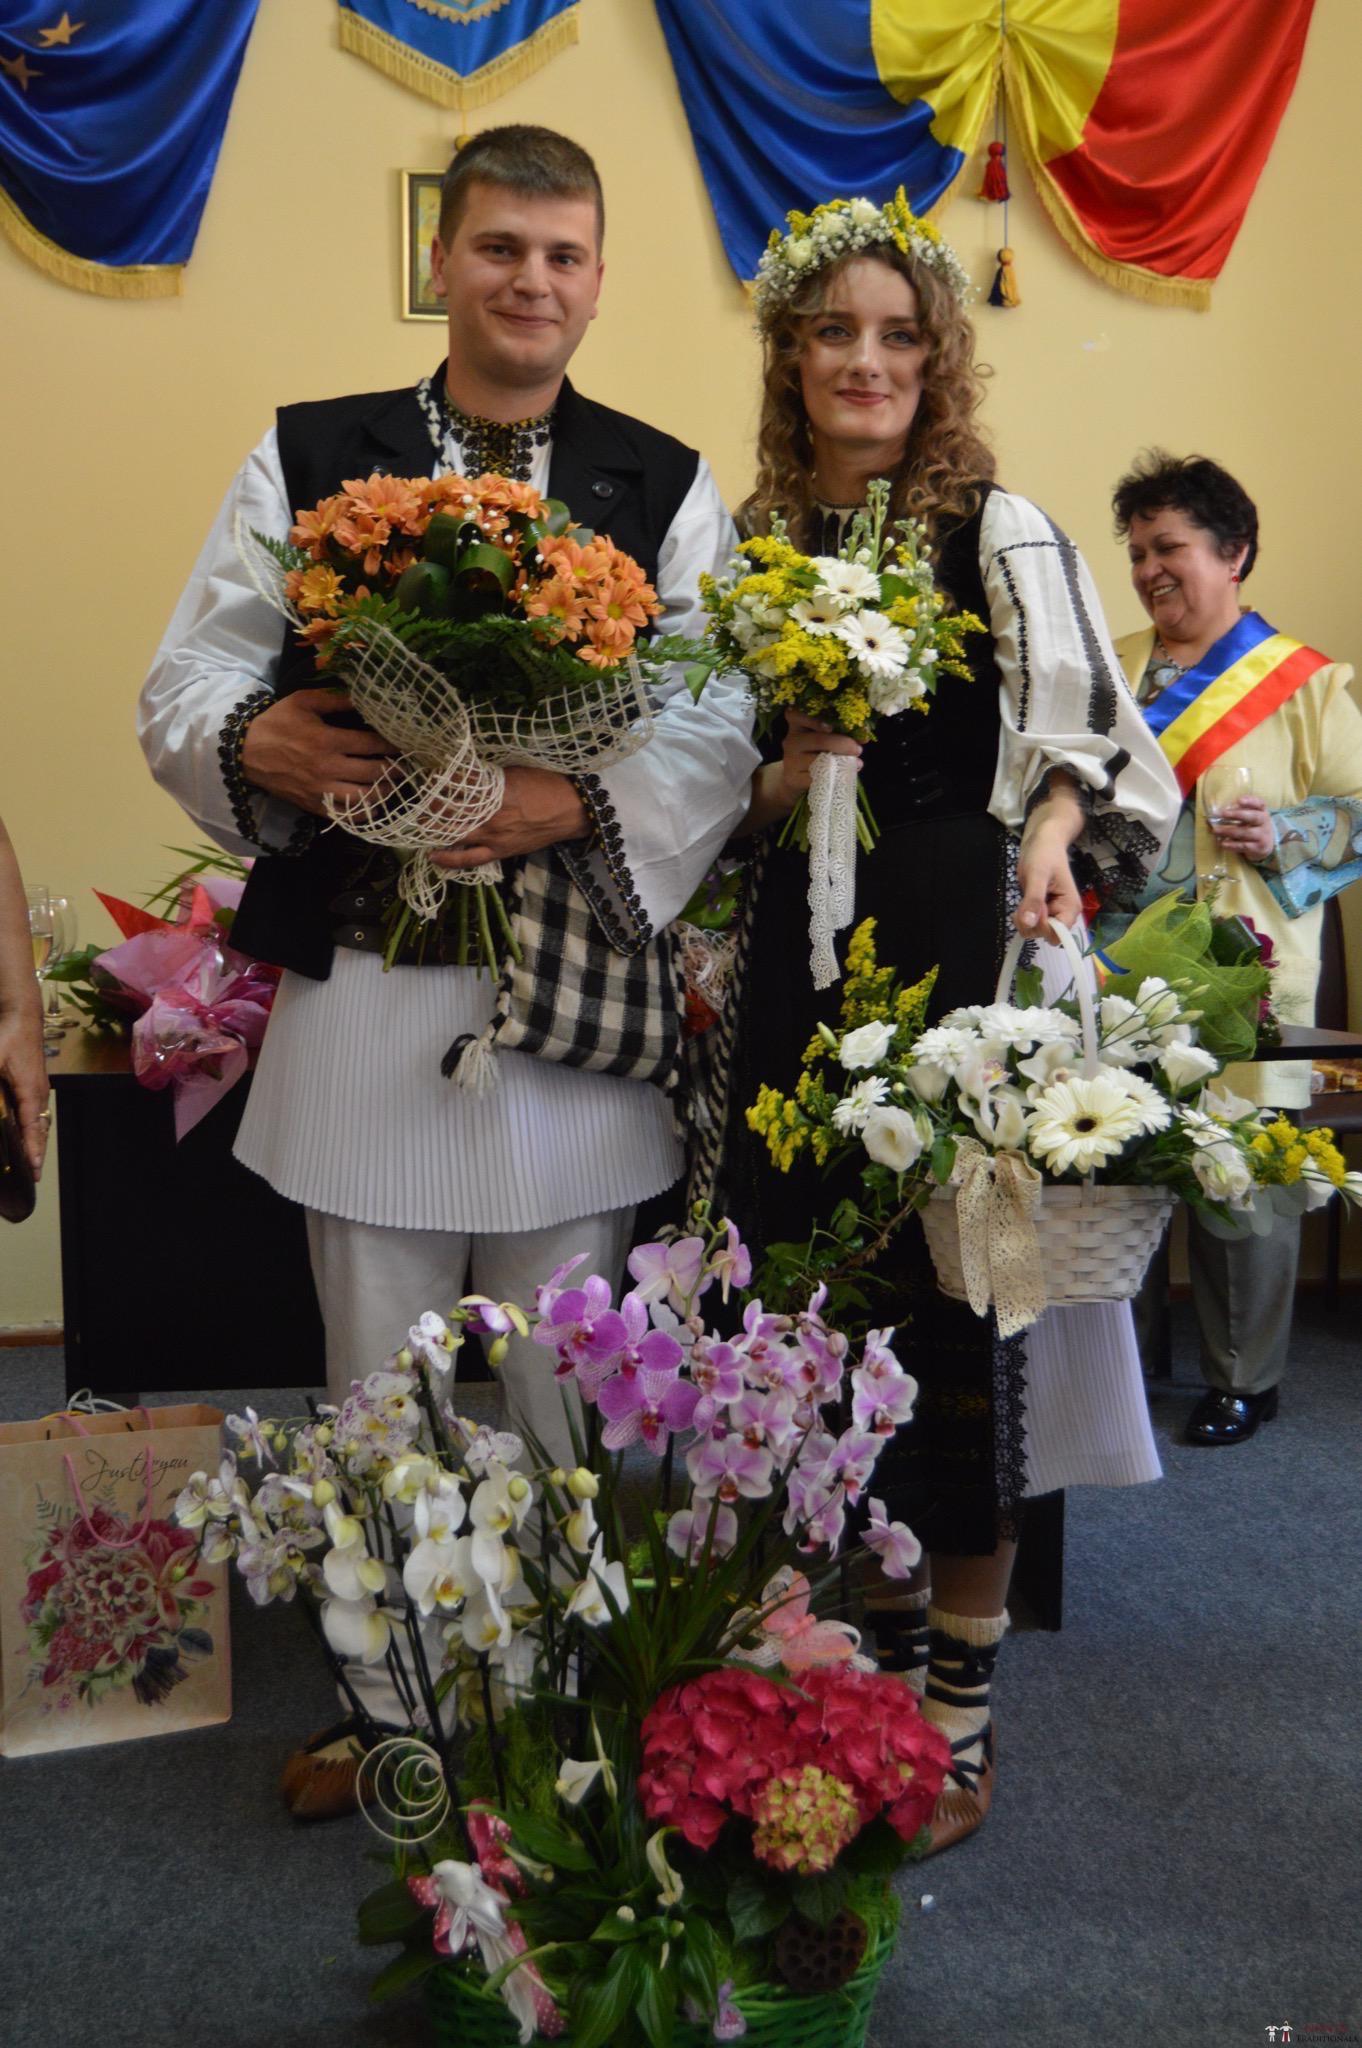 Povești Nunți Tradiționale - Constantin și Simona-Marilena. Nuntă tradițională în Căpâlna, Alba 21